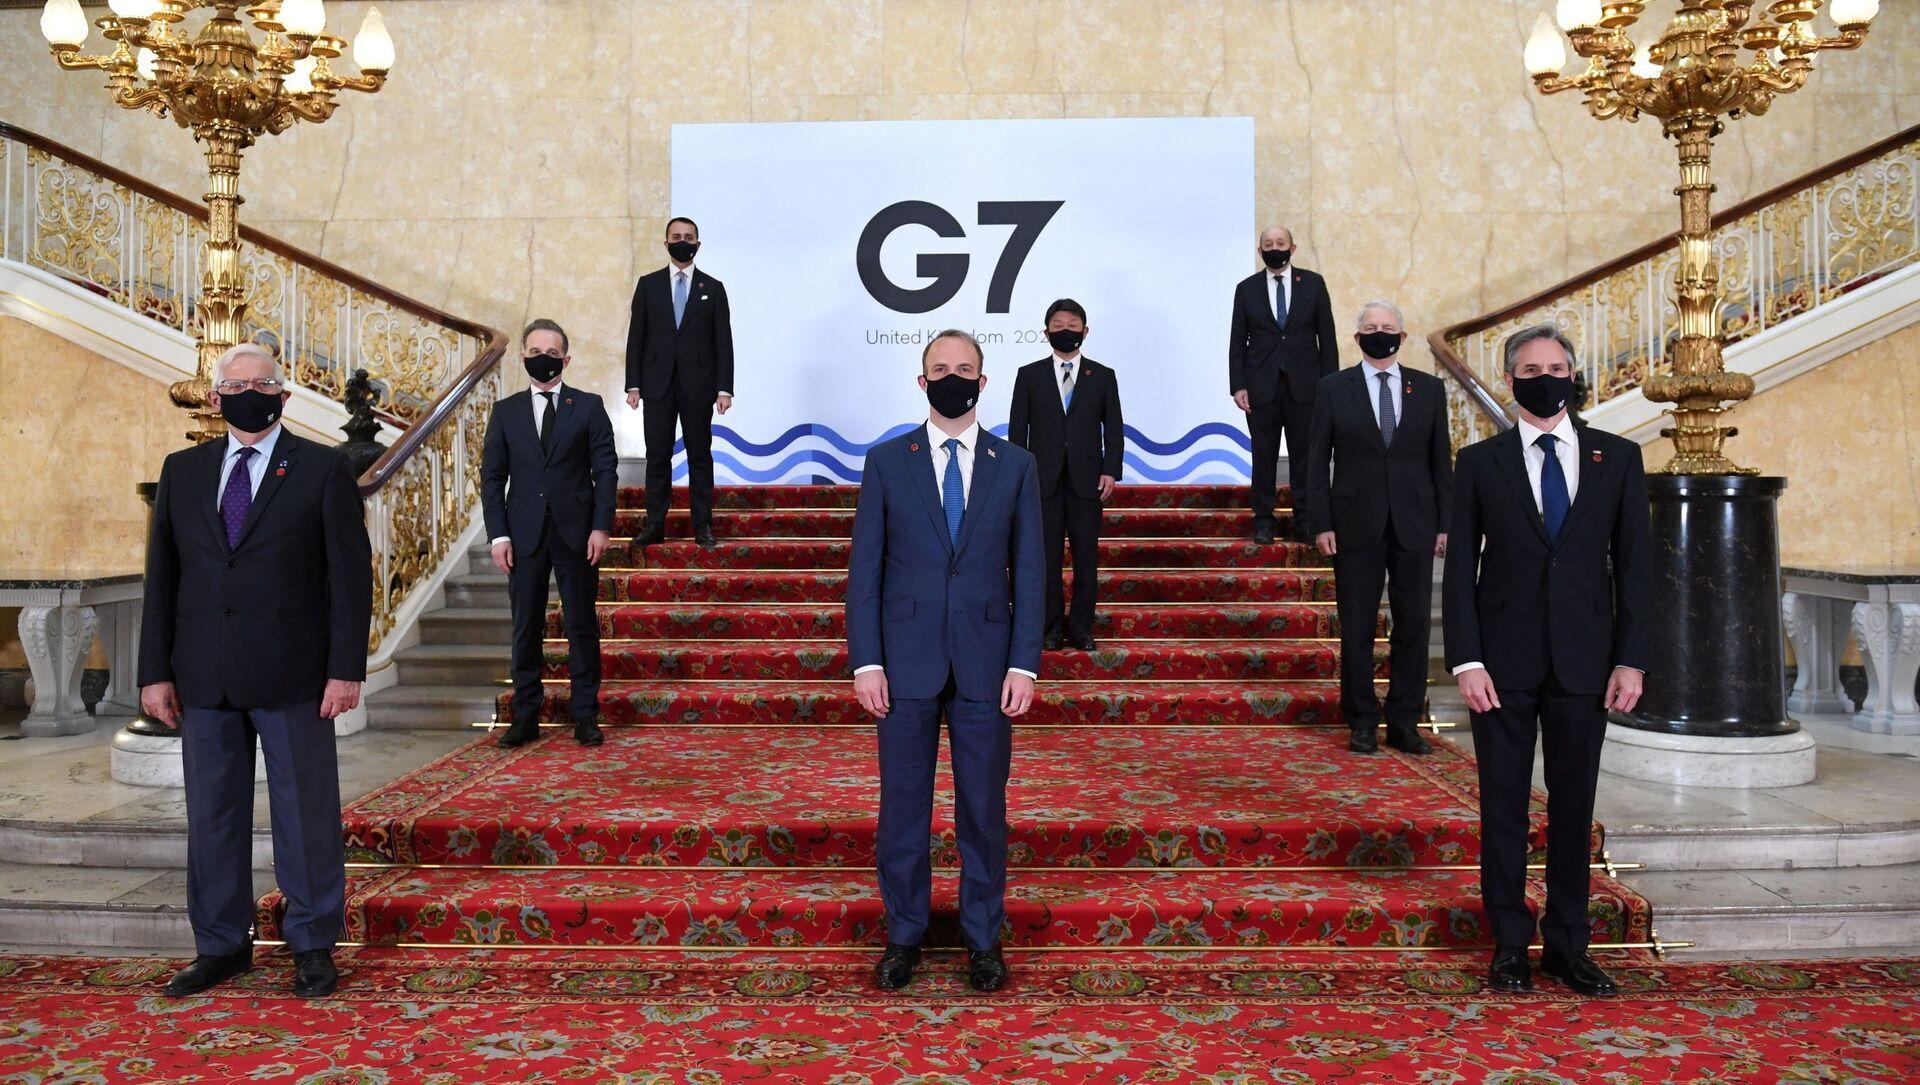 Szczyt G7 w Londynie - Sputnik Polska, 1920, 13.06.2021